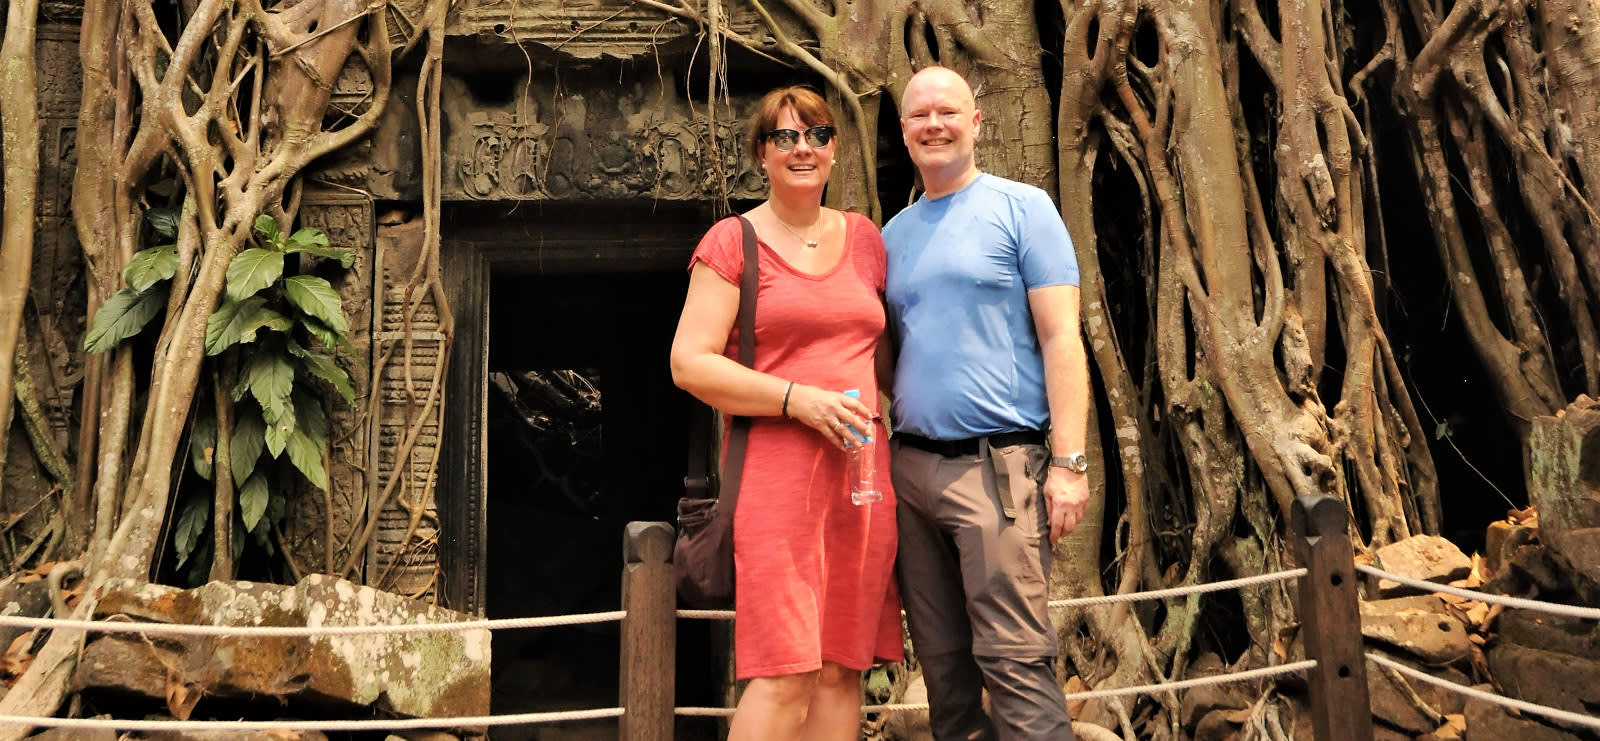 Unsere Gäste auf Vietnamreise